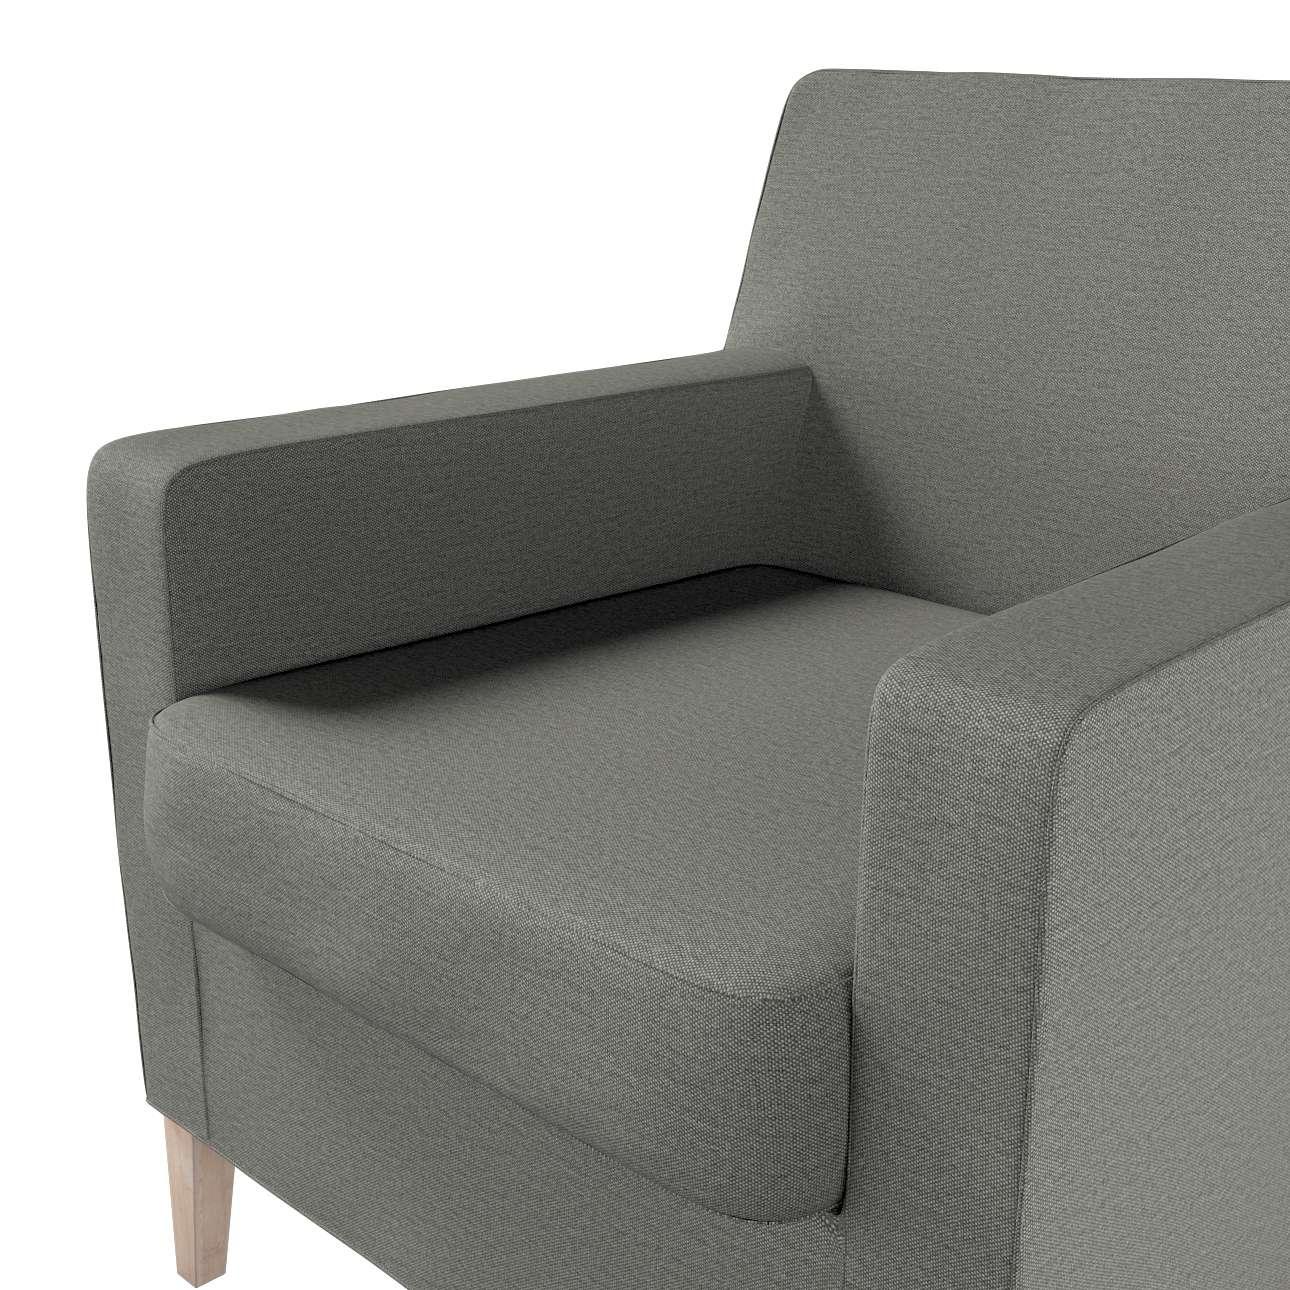 Karlstad nojatuoli, korkea mallistosta Etna - ei verhoihin, Kangas: 161-25